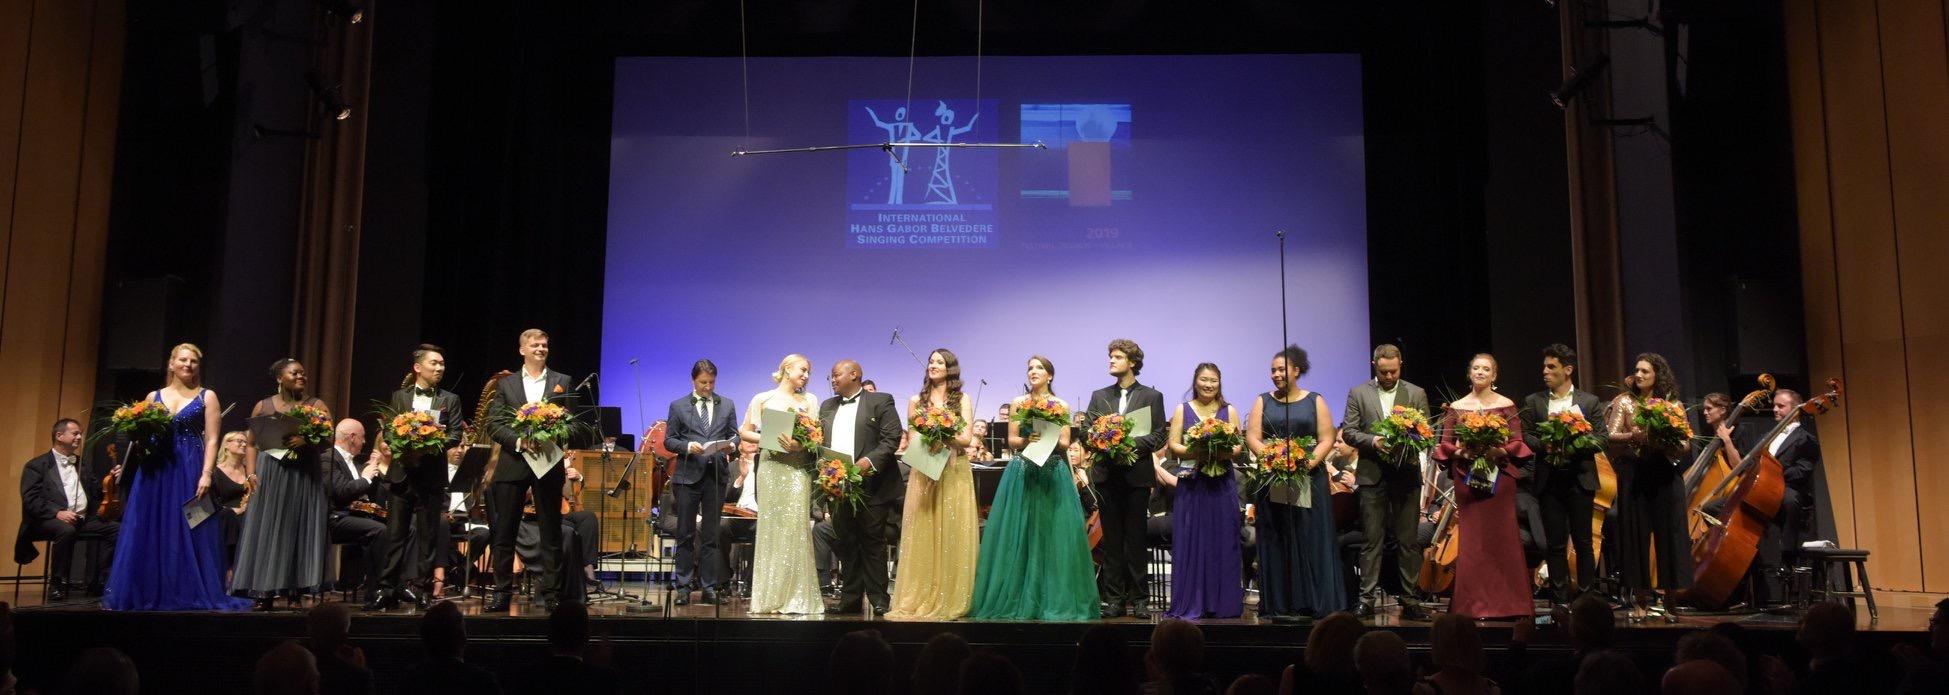 Finals in Villach, Austria